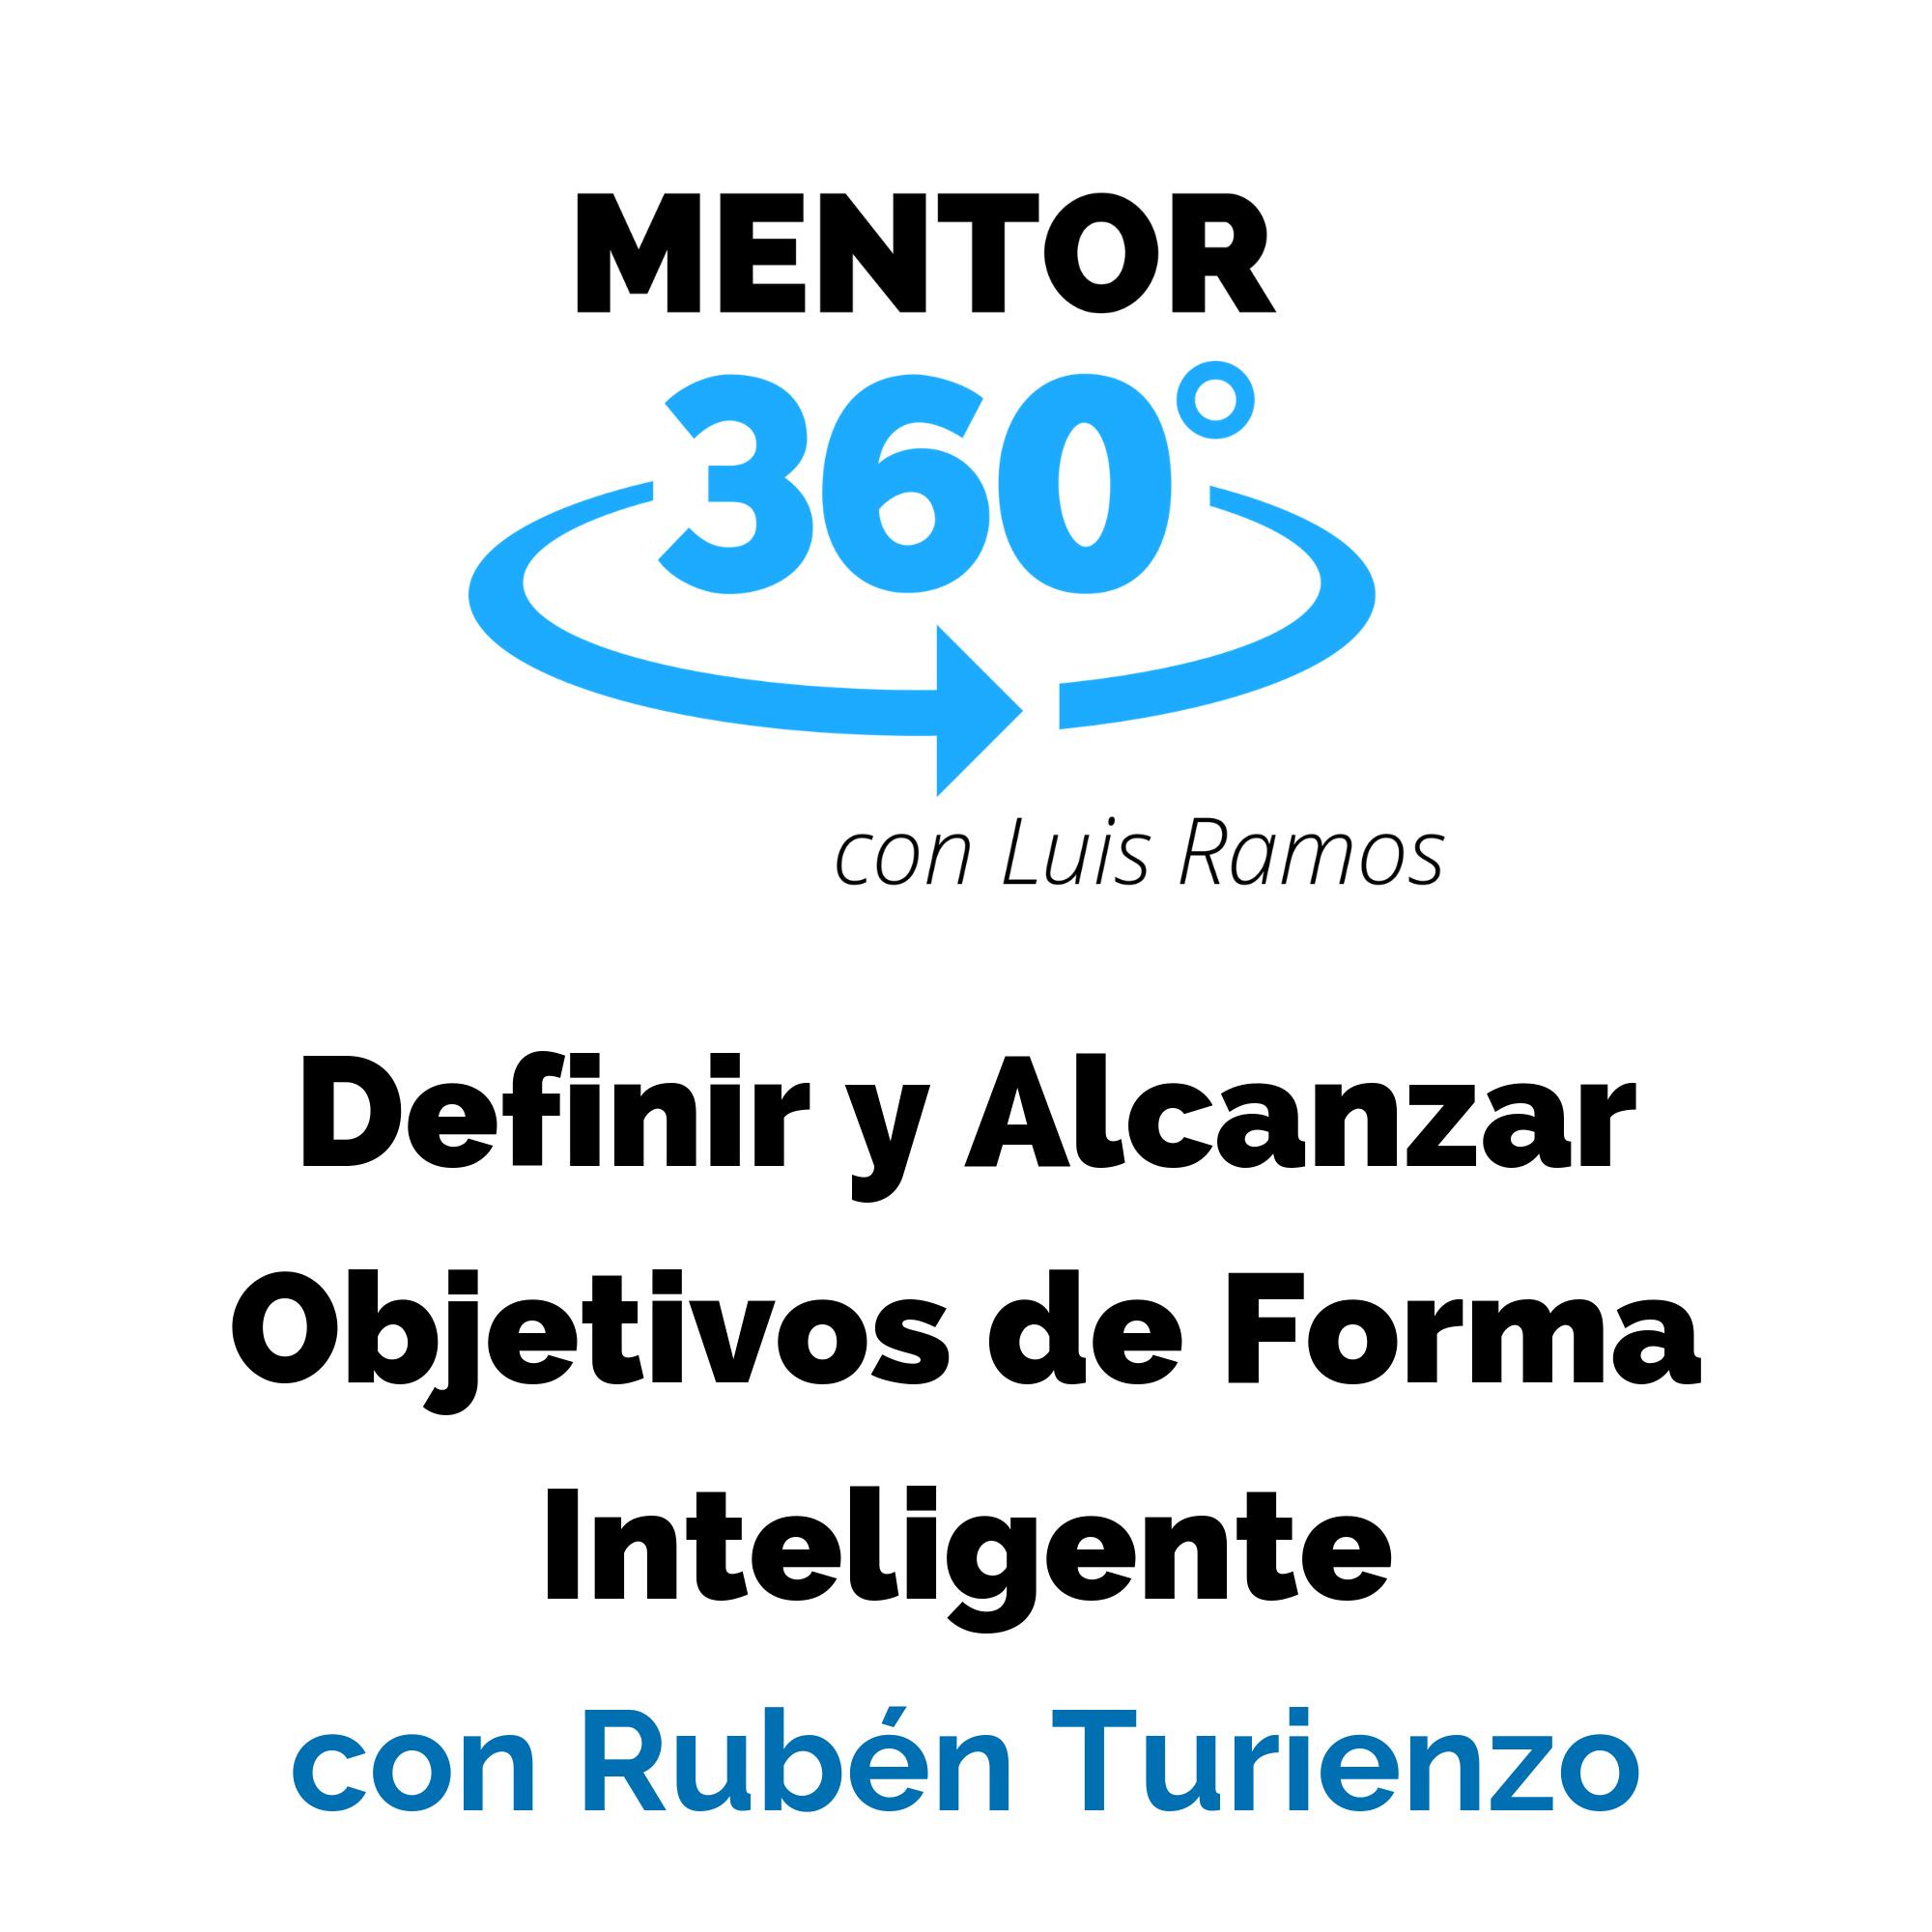 Definir y Alcanzar Objetivos de Forma Inteligente, con Rubén Turienzo - Motivación - MENTOR360